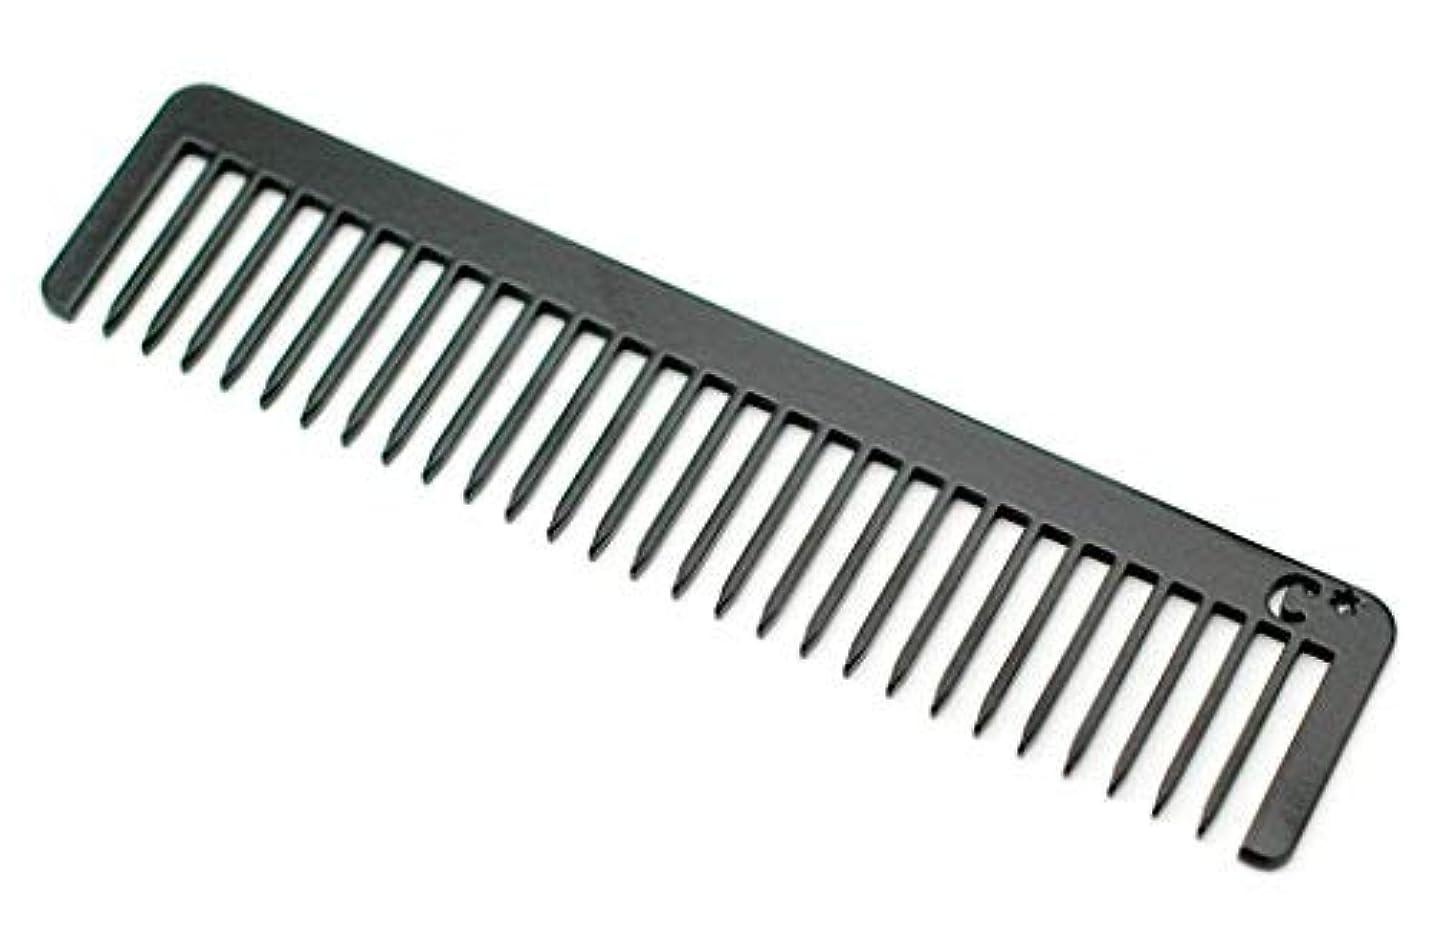 倫理的復讐野ウサギChicago Comb Long Model No. 5 Jet Black, 5.5 inches (14 cm) long, Made in USA, wide-tooth comb, ultra smooth coated...